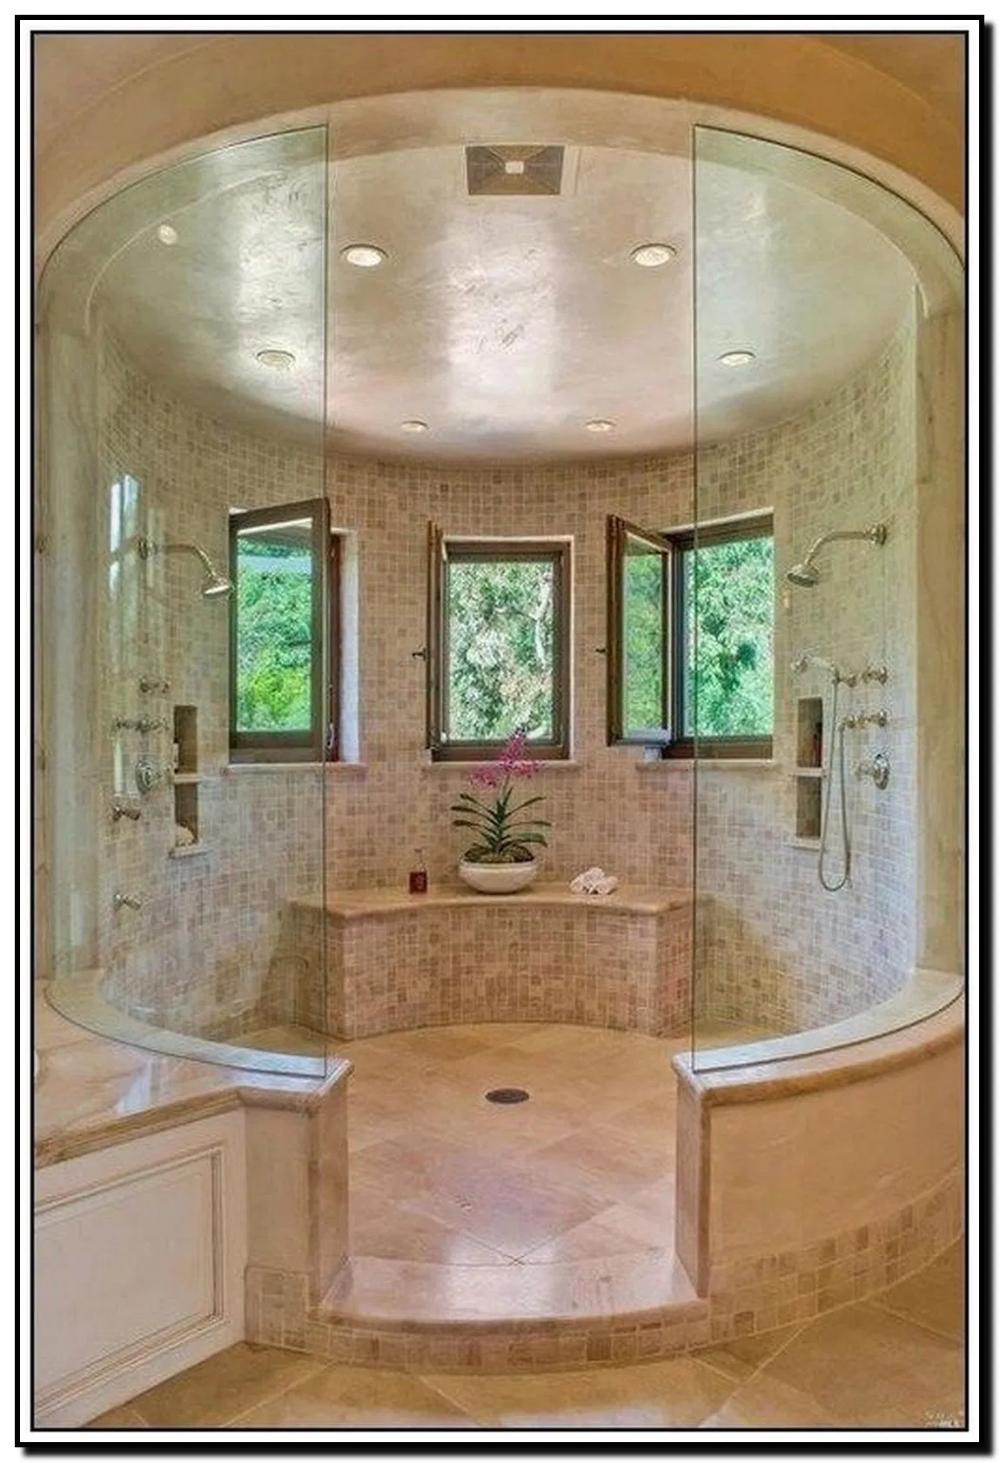 60 Impressive Master Bathroom Remodel Before After Renovation